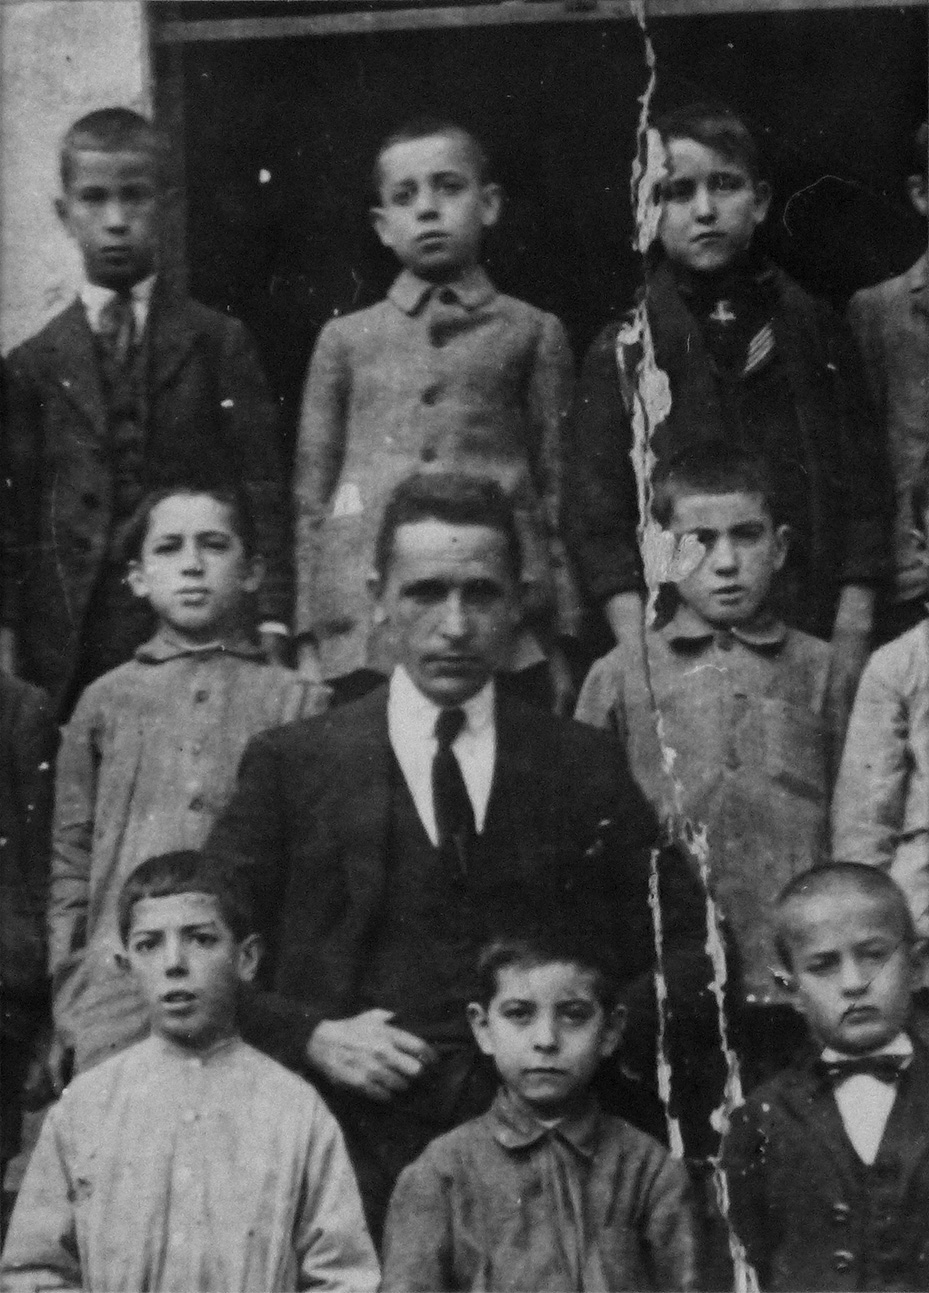 MIGUEL HERNÁNDEZ JUNTO A SUS COMPAÑEROS Y MAESTRO EN LAS ESCUELAS DE AVE MARÍA